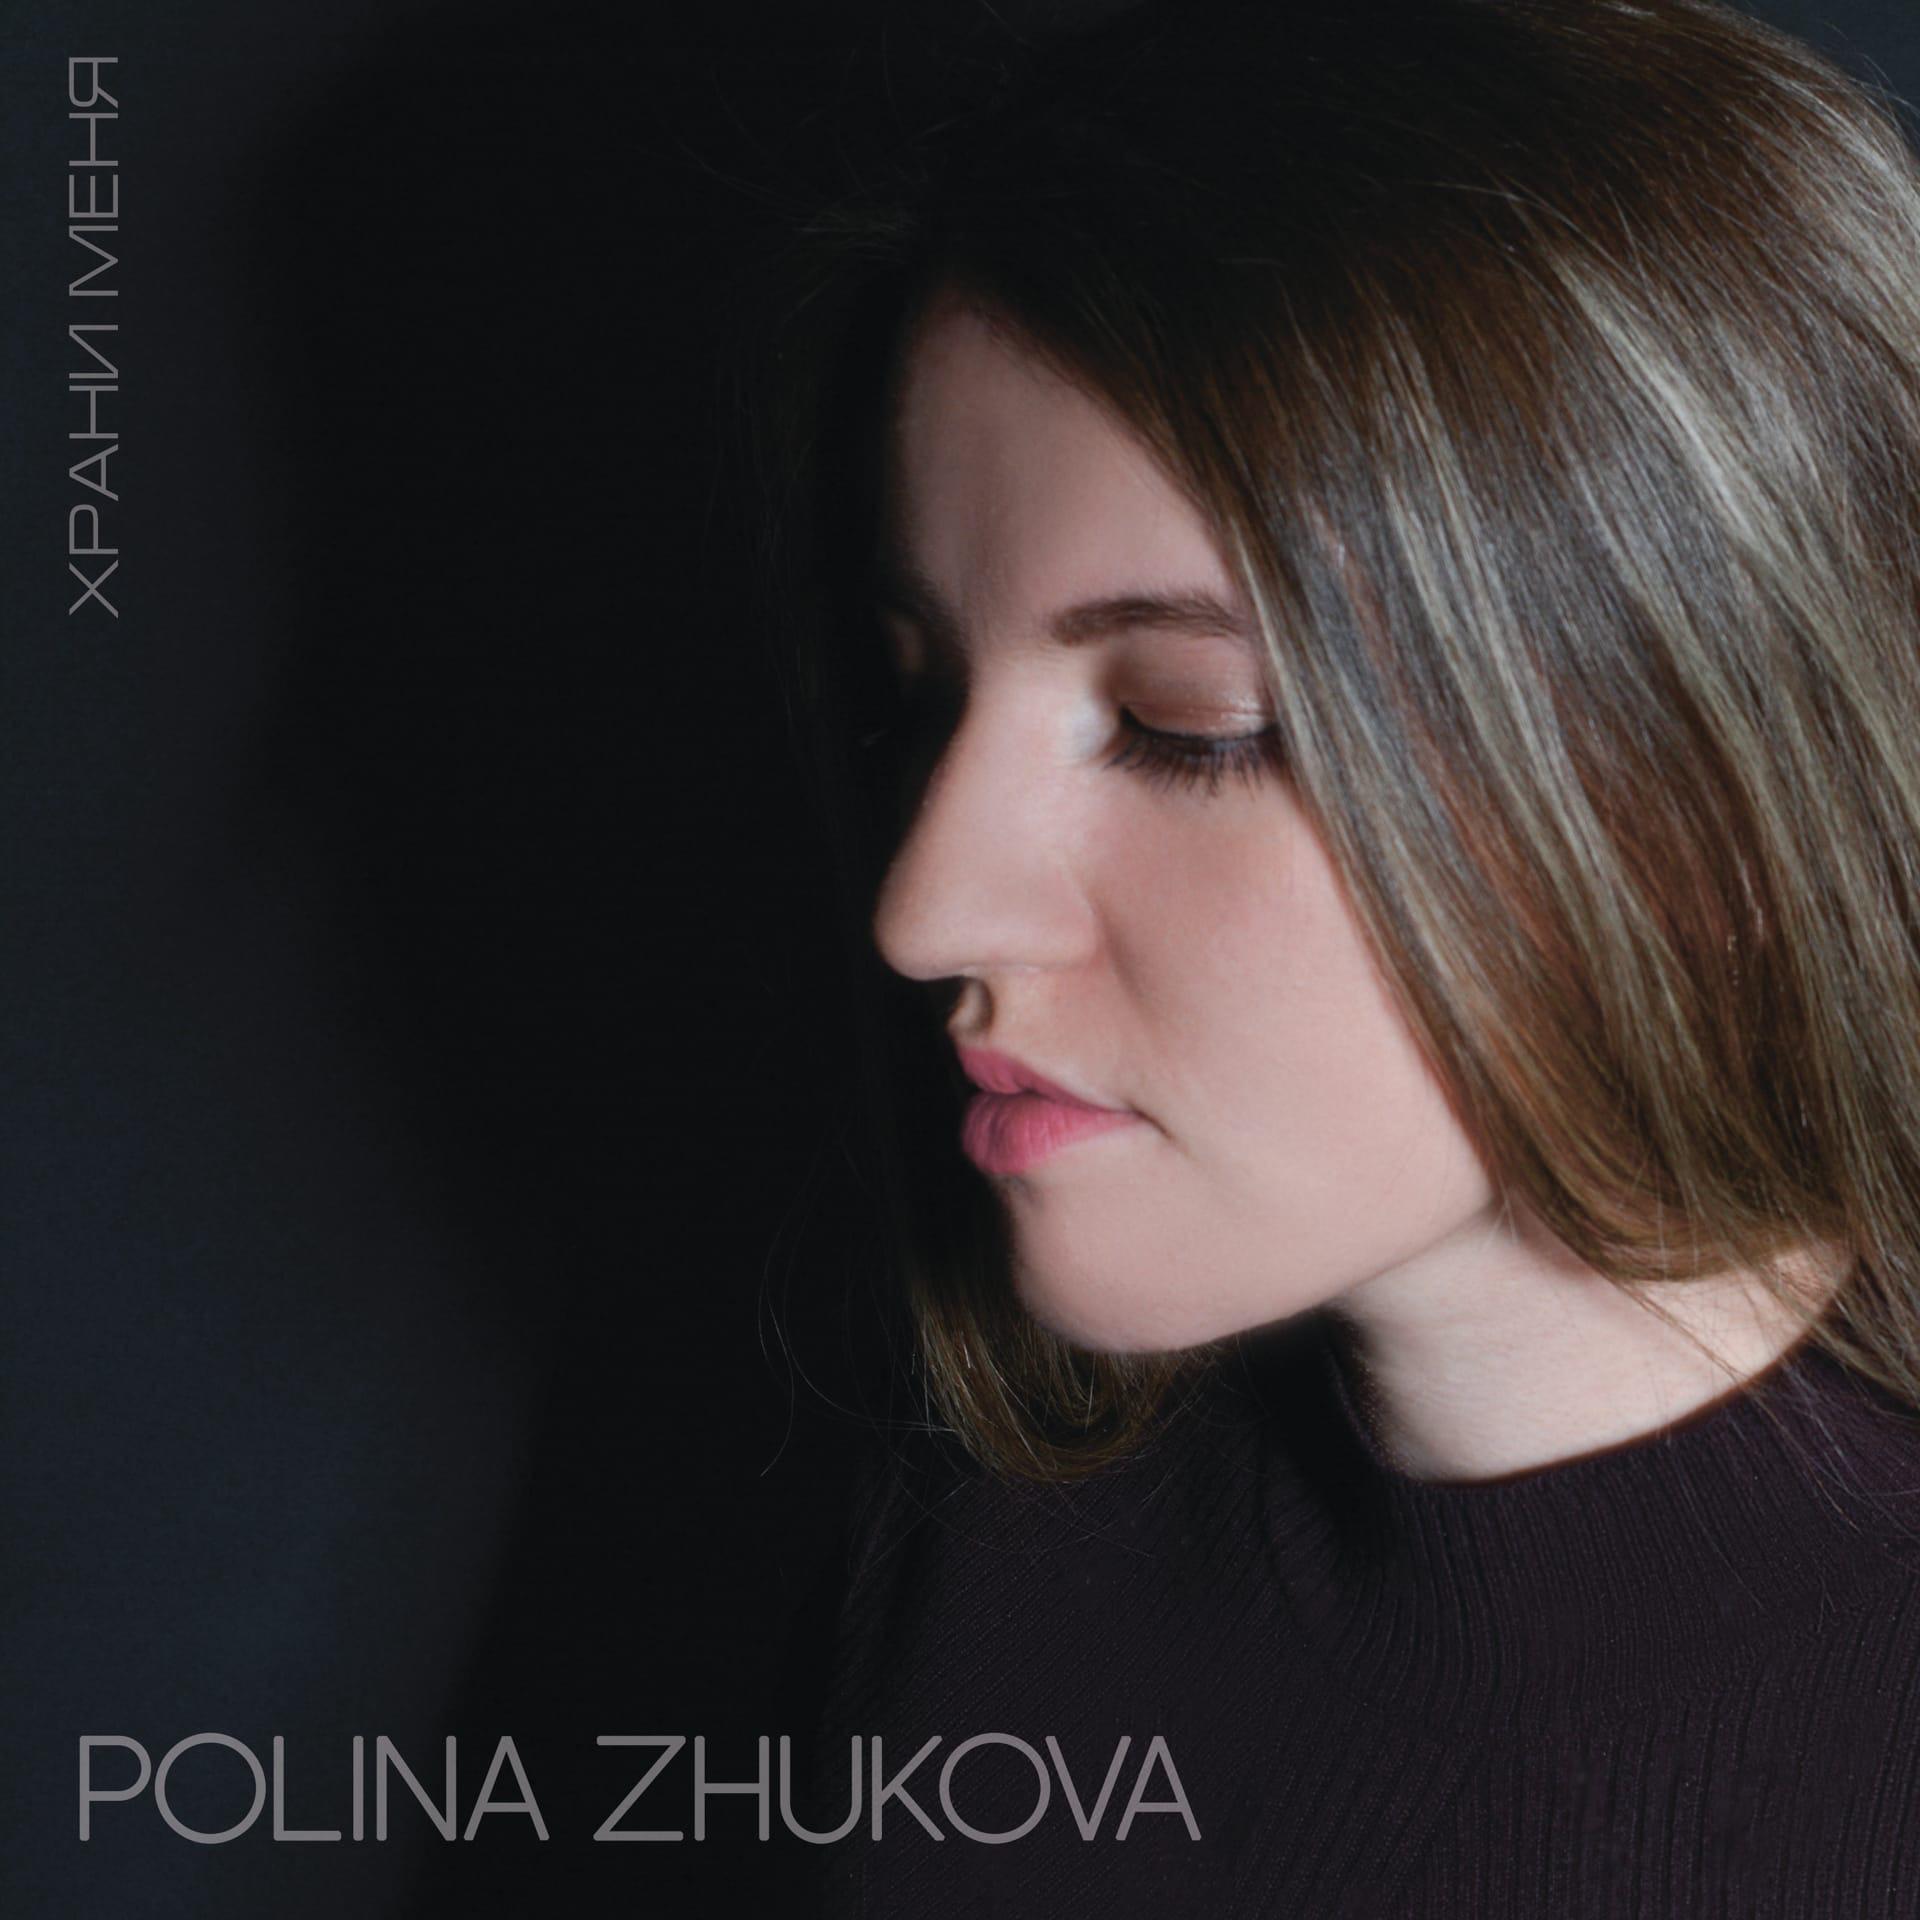 """Продюсирование трека POLINA ZHUKOVA - """"Храни меня"""""""